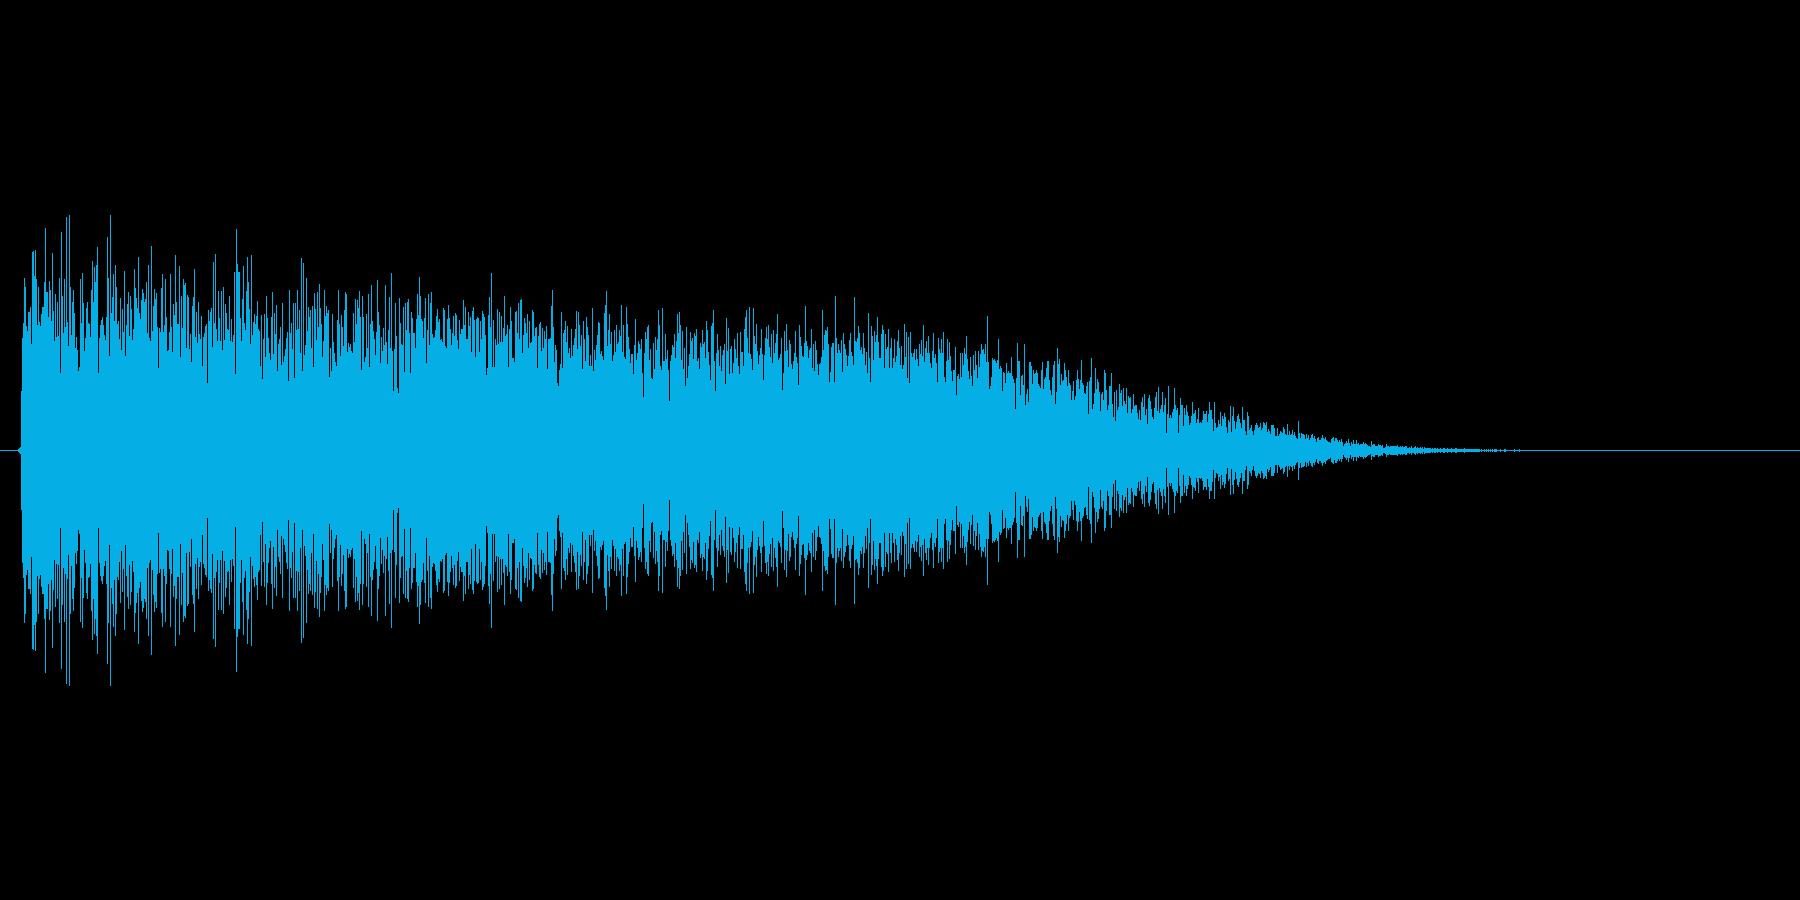 強力なビームを放つ前のチャージSEの再生済みの波形